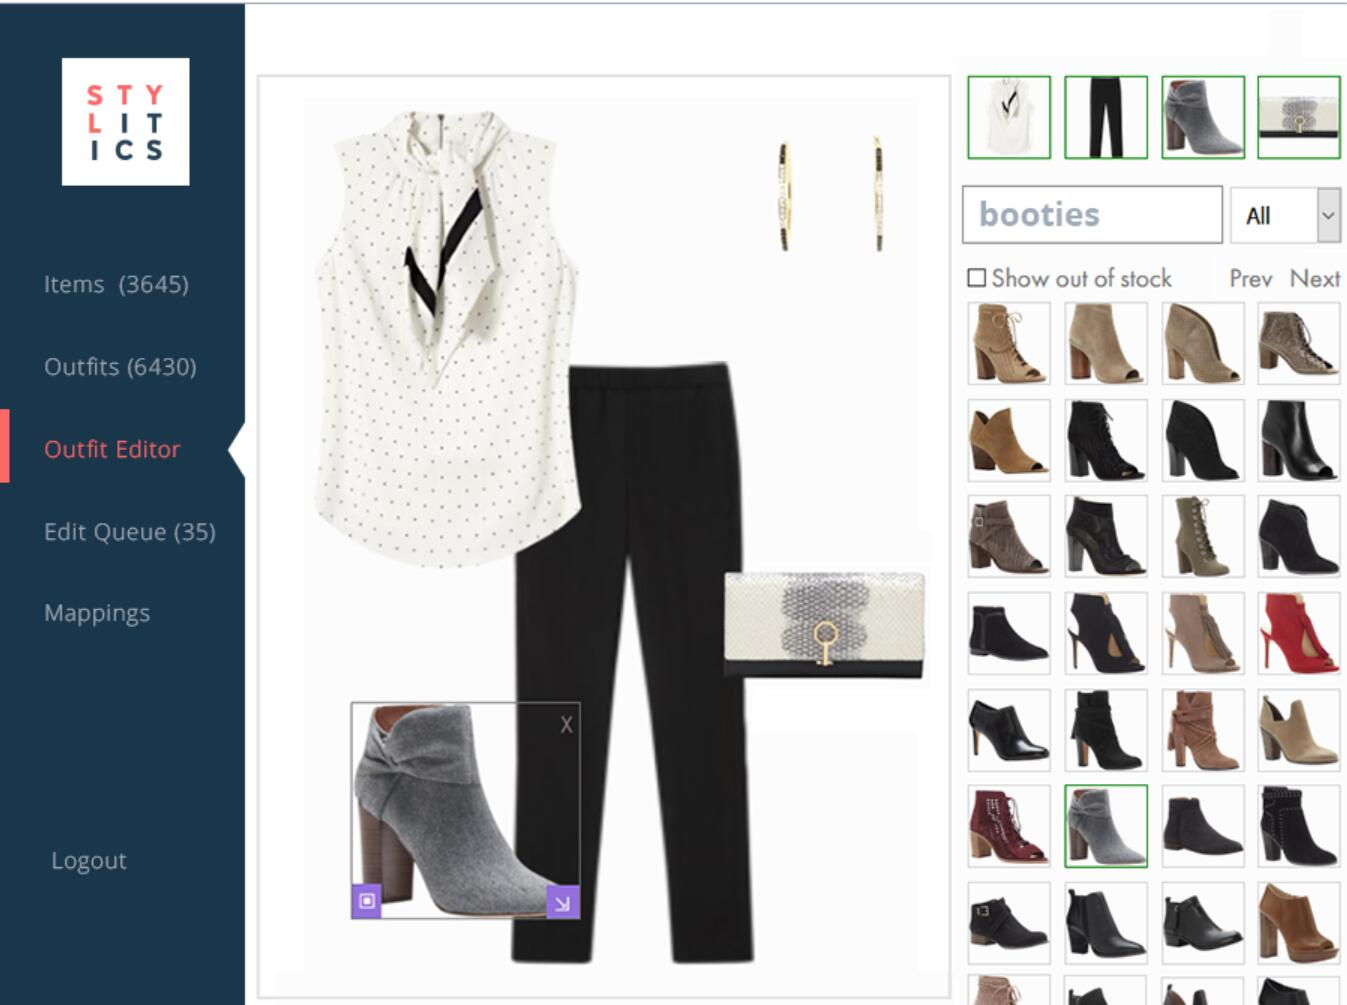 提供基于人工智能的服装搭配视觉方案:Stylitics 完成1500万美元融资